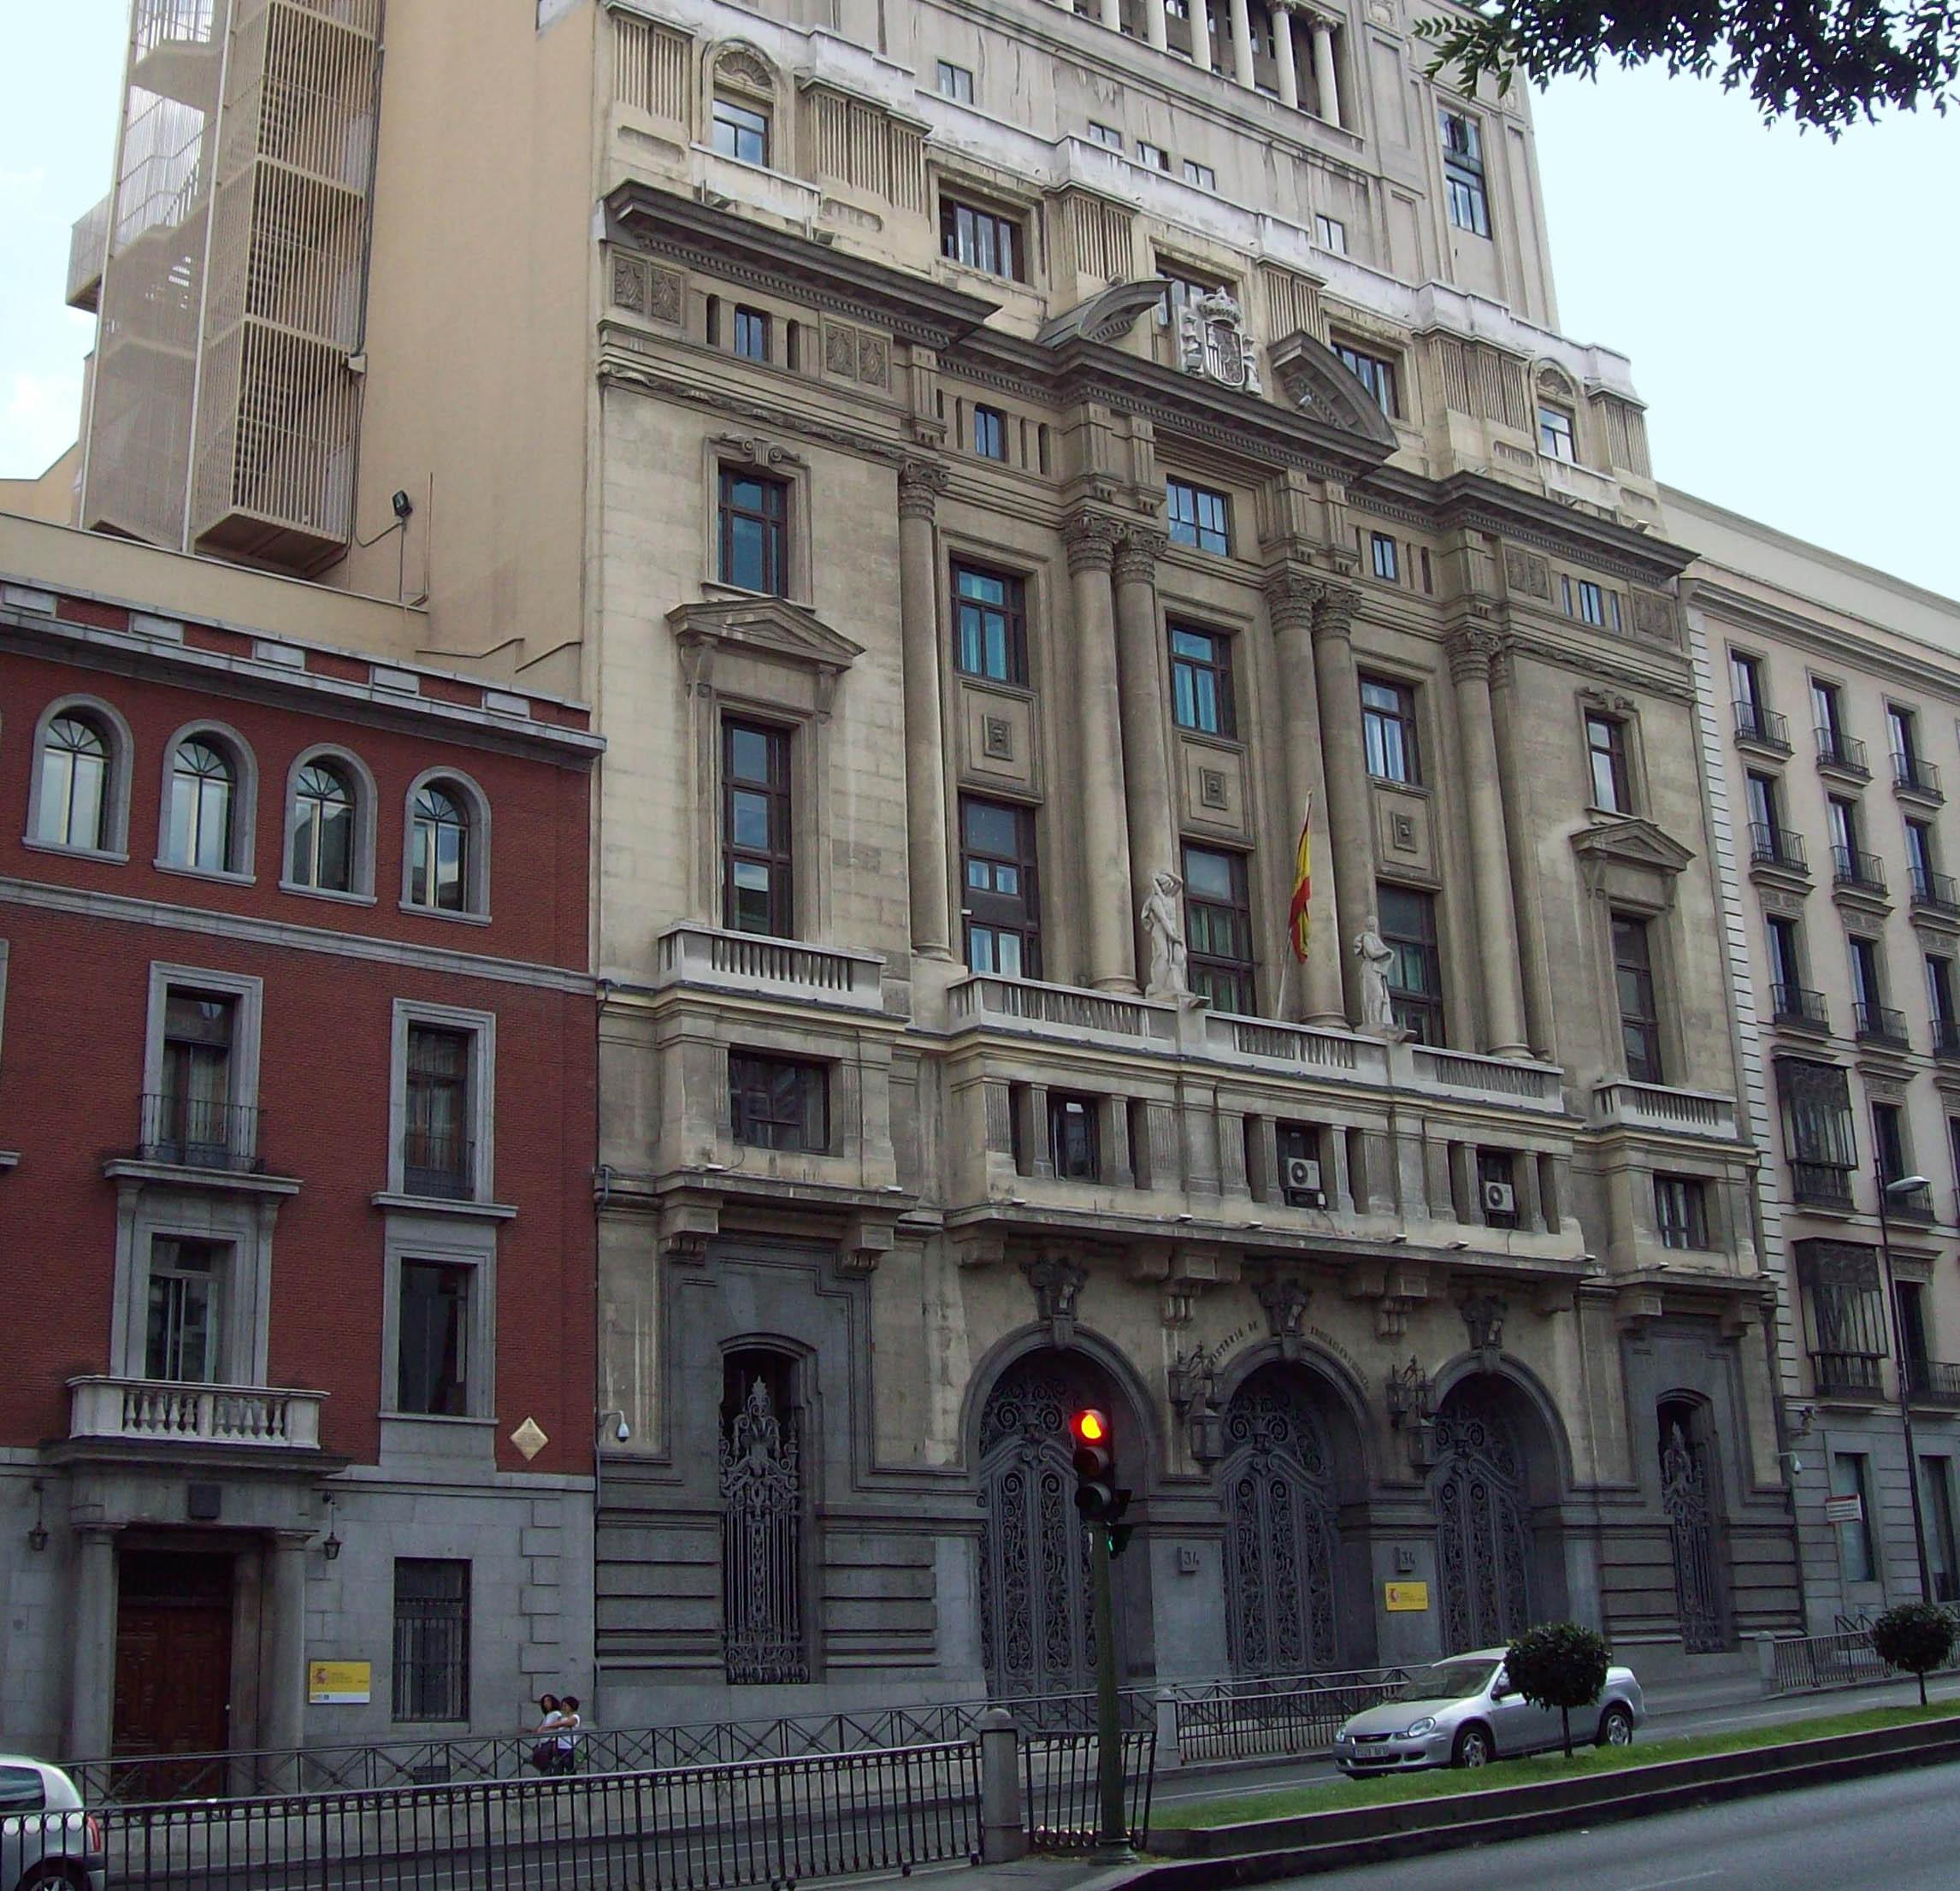 Ministeri d'Educació, a Madrid.